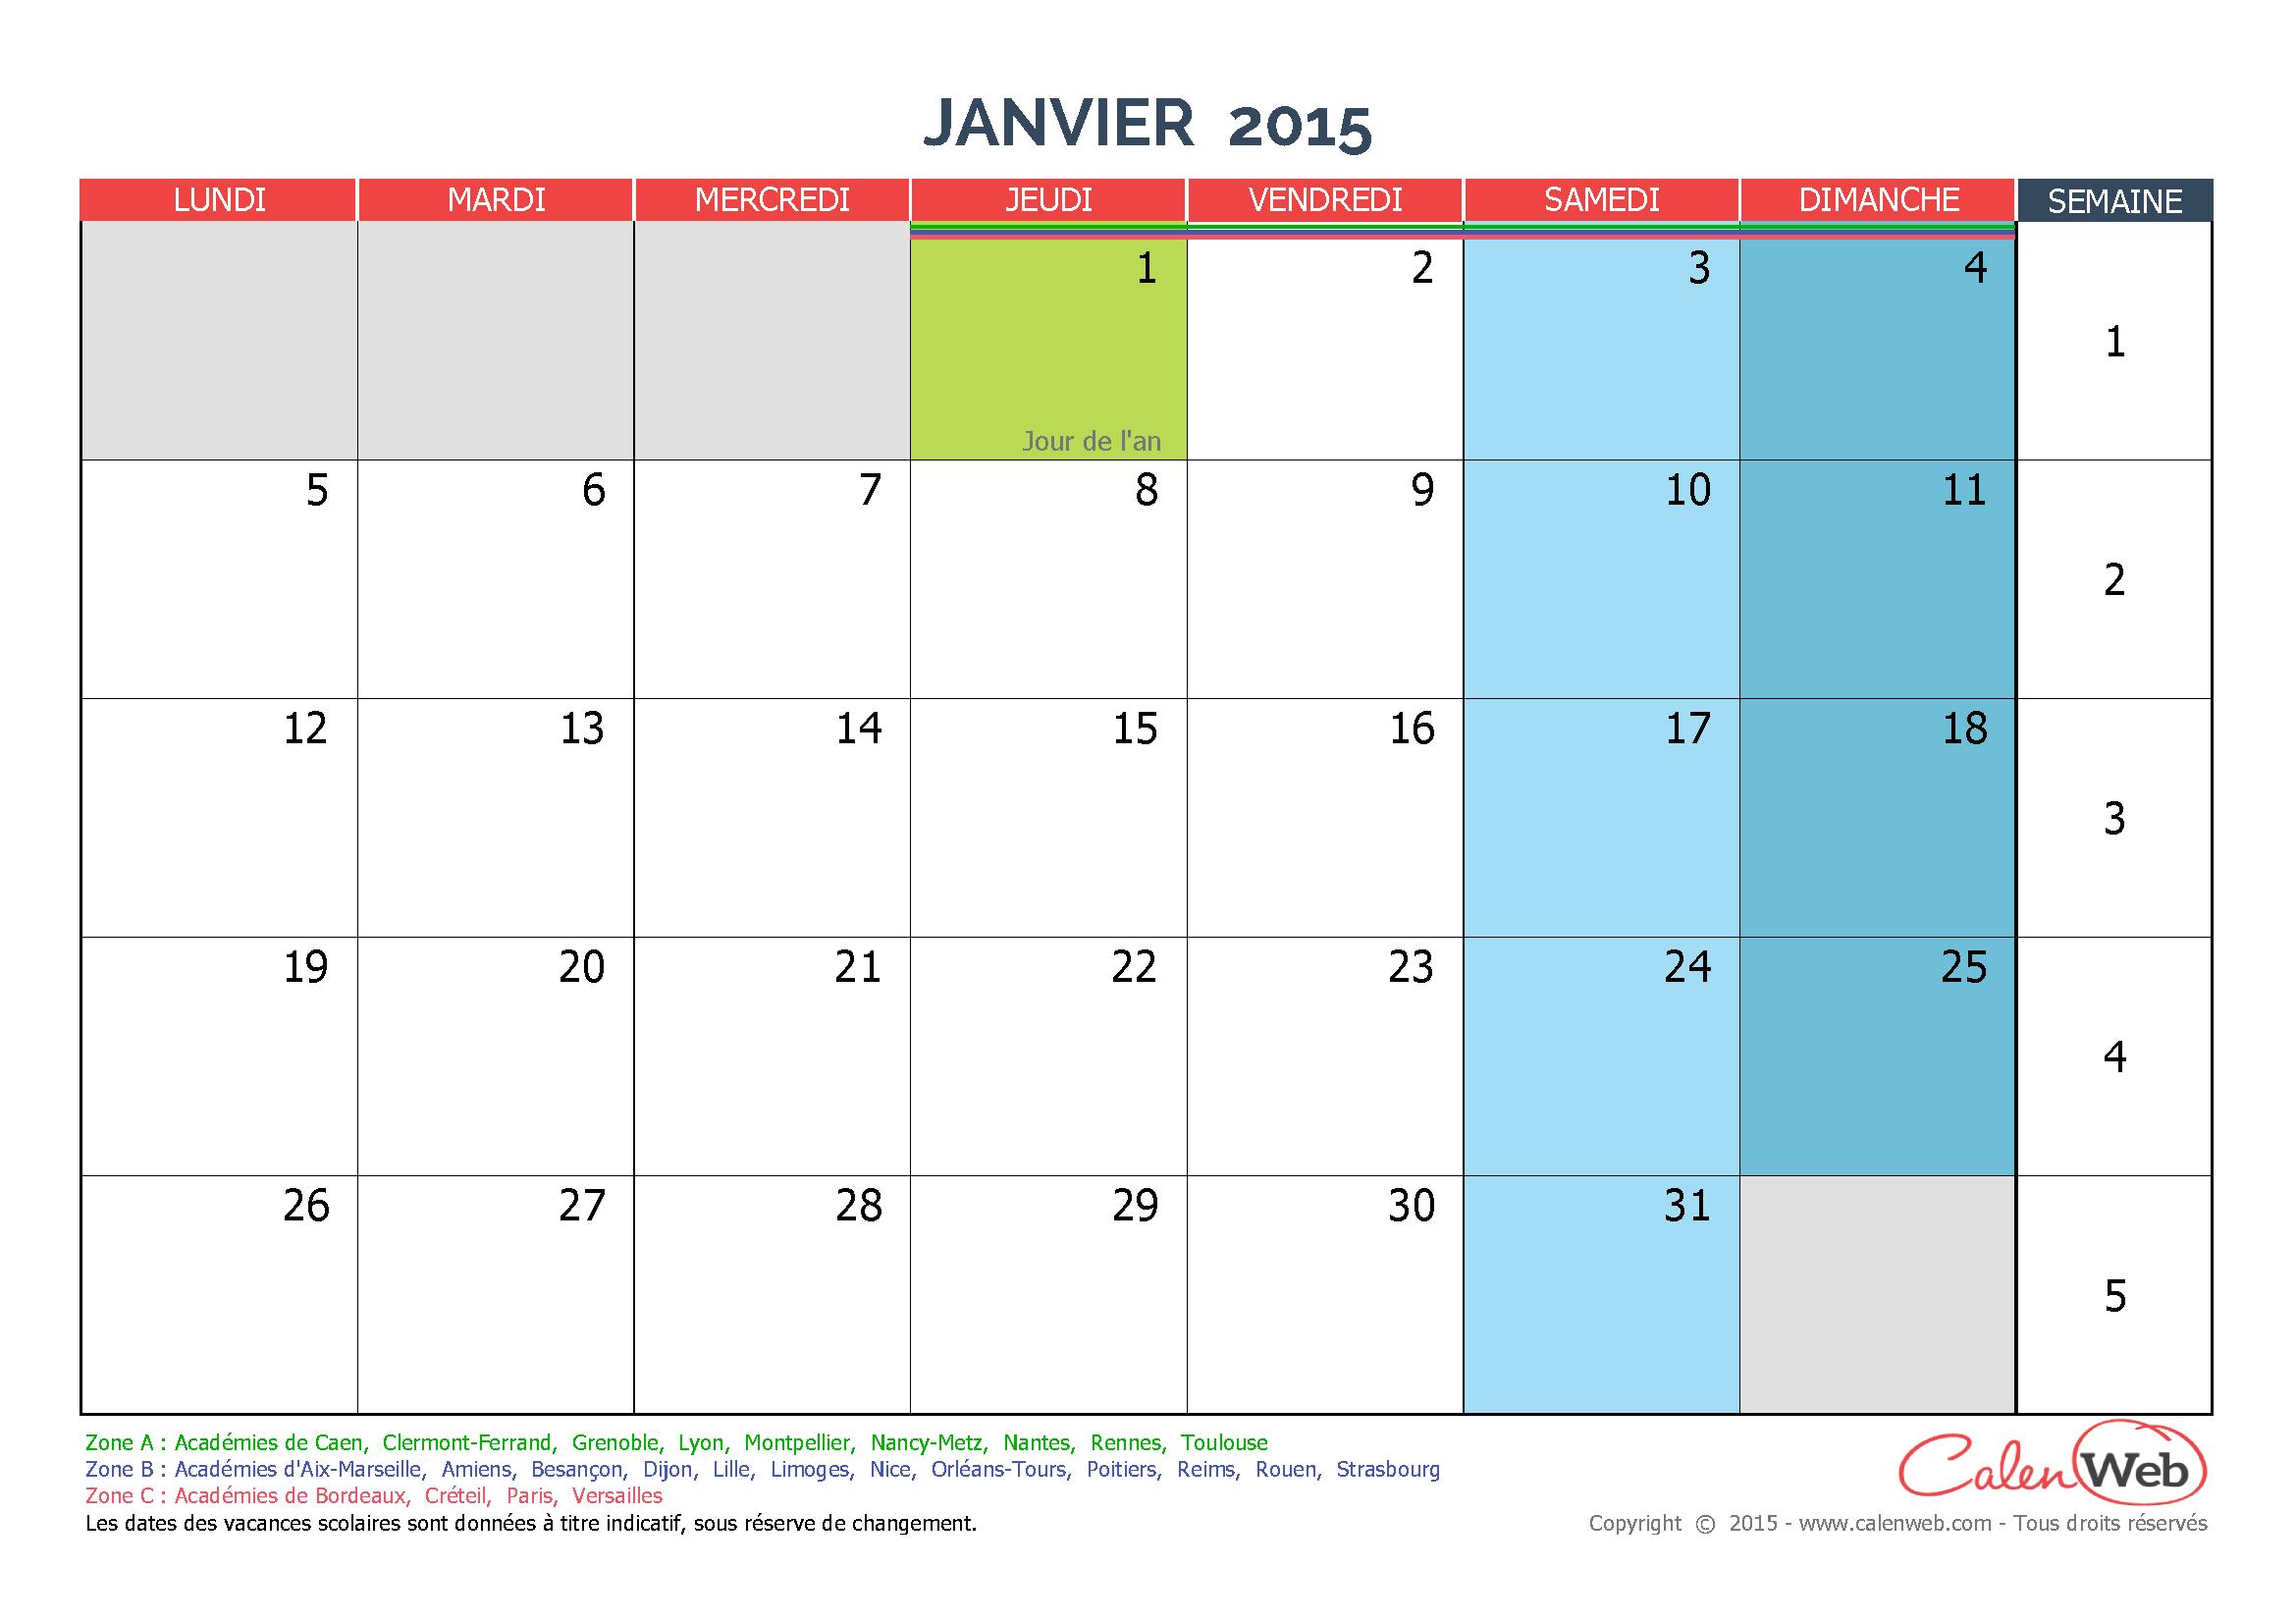 calendrier mensuel 2015 personnalisable avec jours f ri s et vacances scolaires. Black Bedroom Furniture Sets. Home Design Ideas